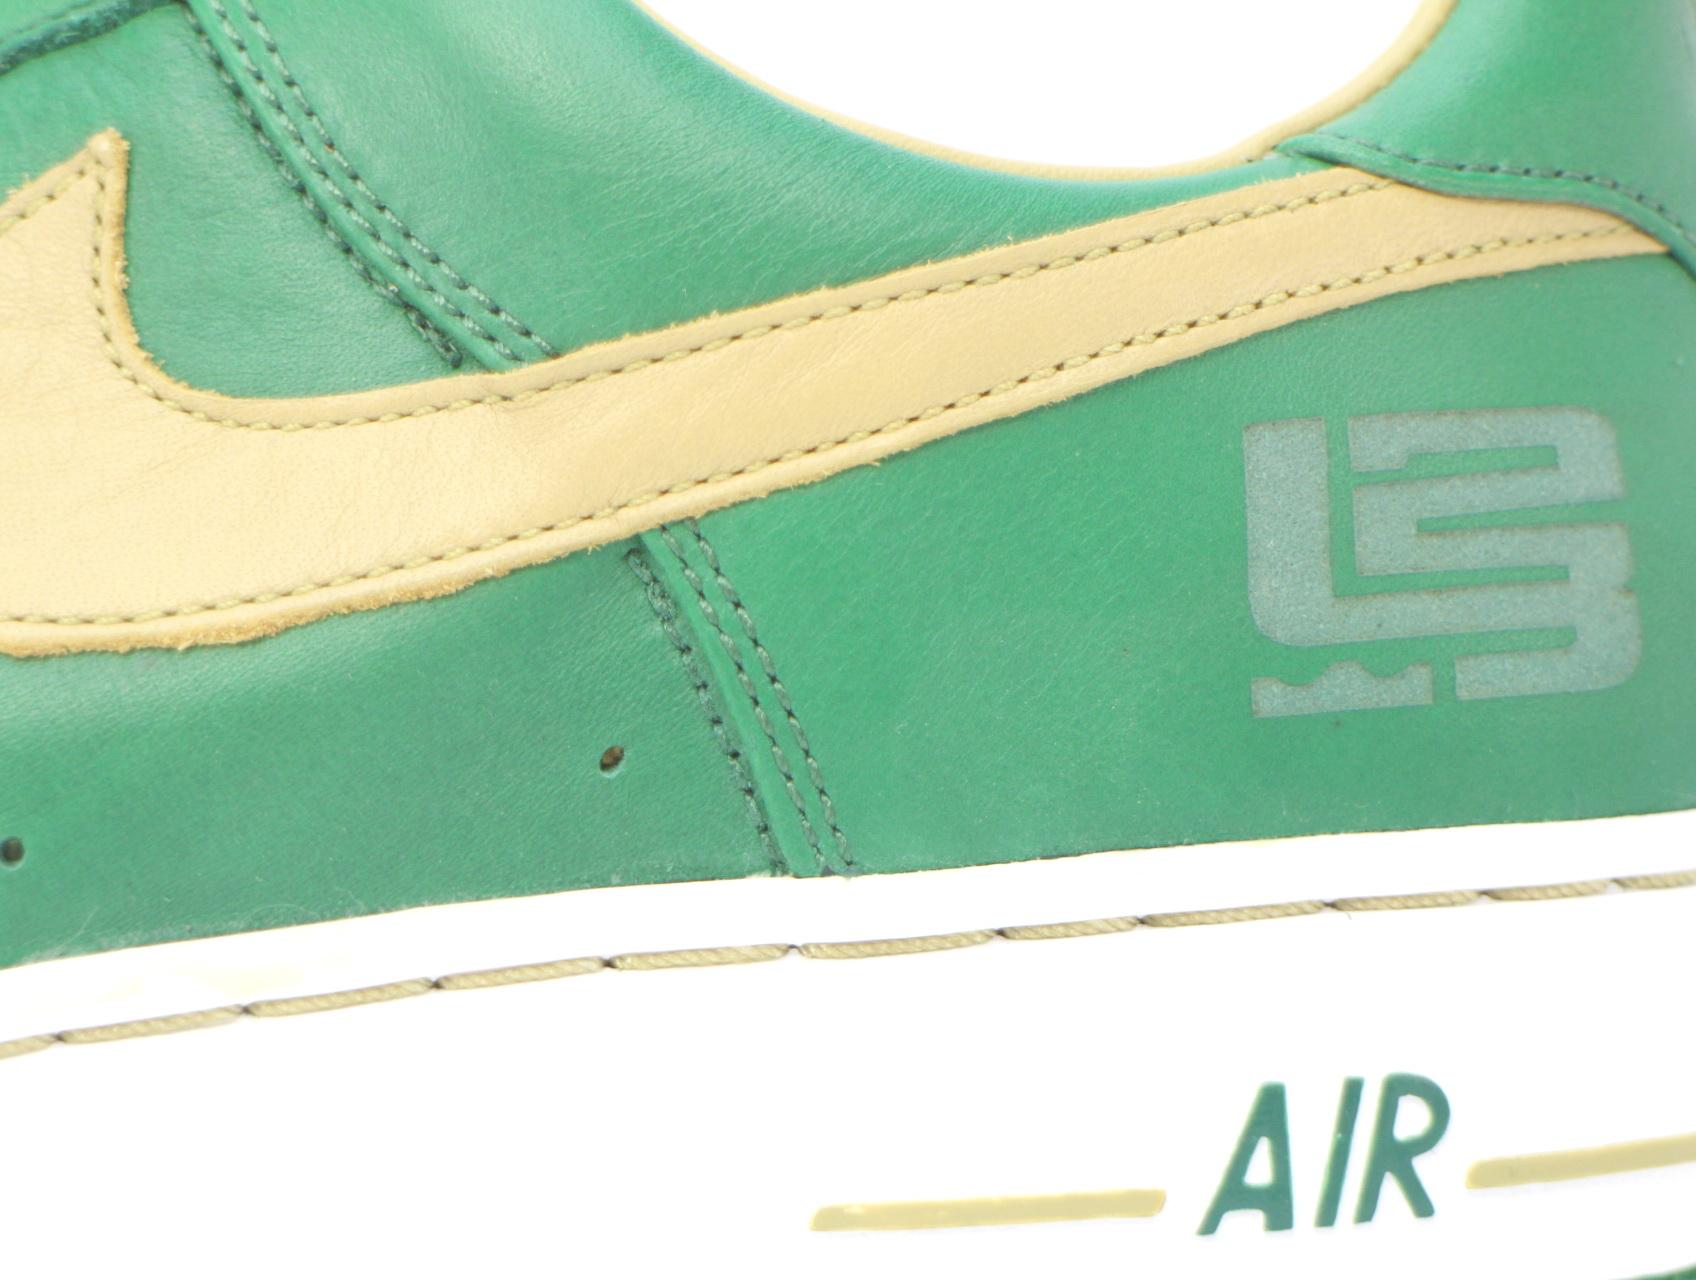 AIR FORCE 1 LOW (LTD)の商品画像-5